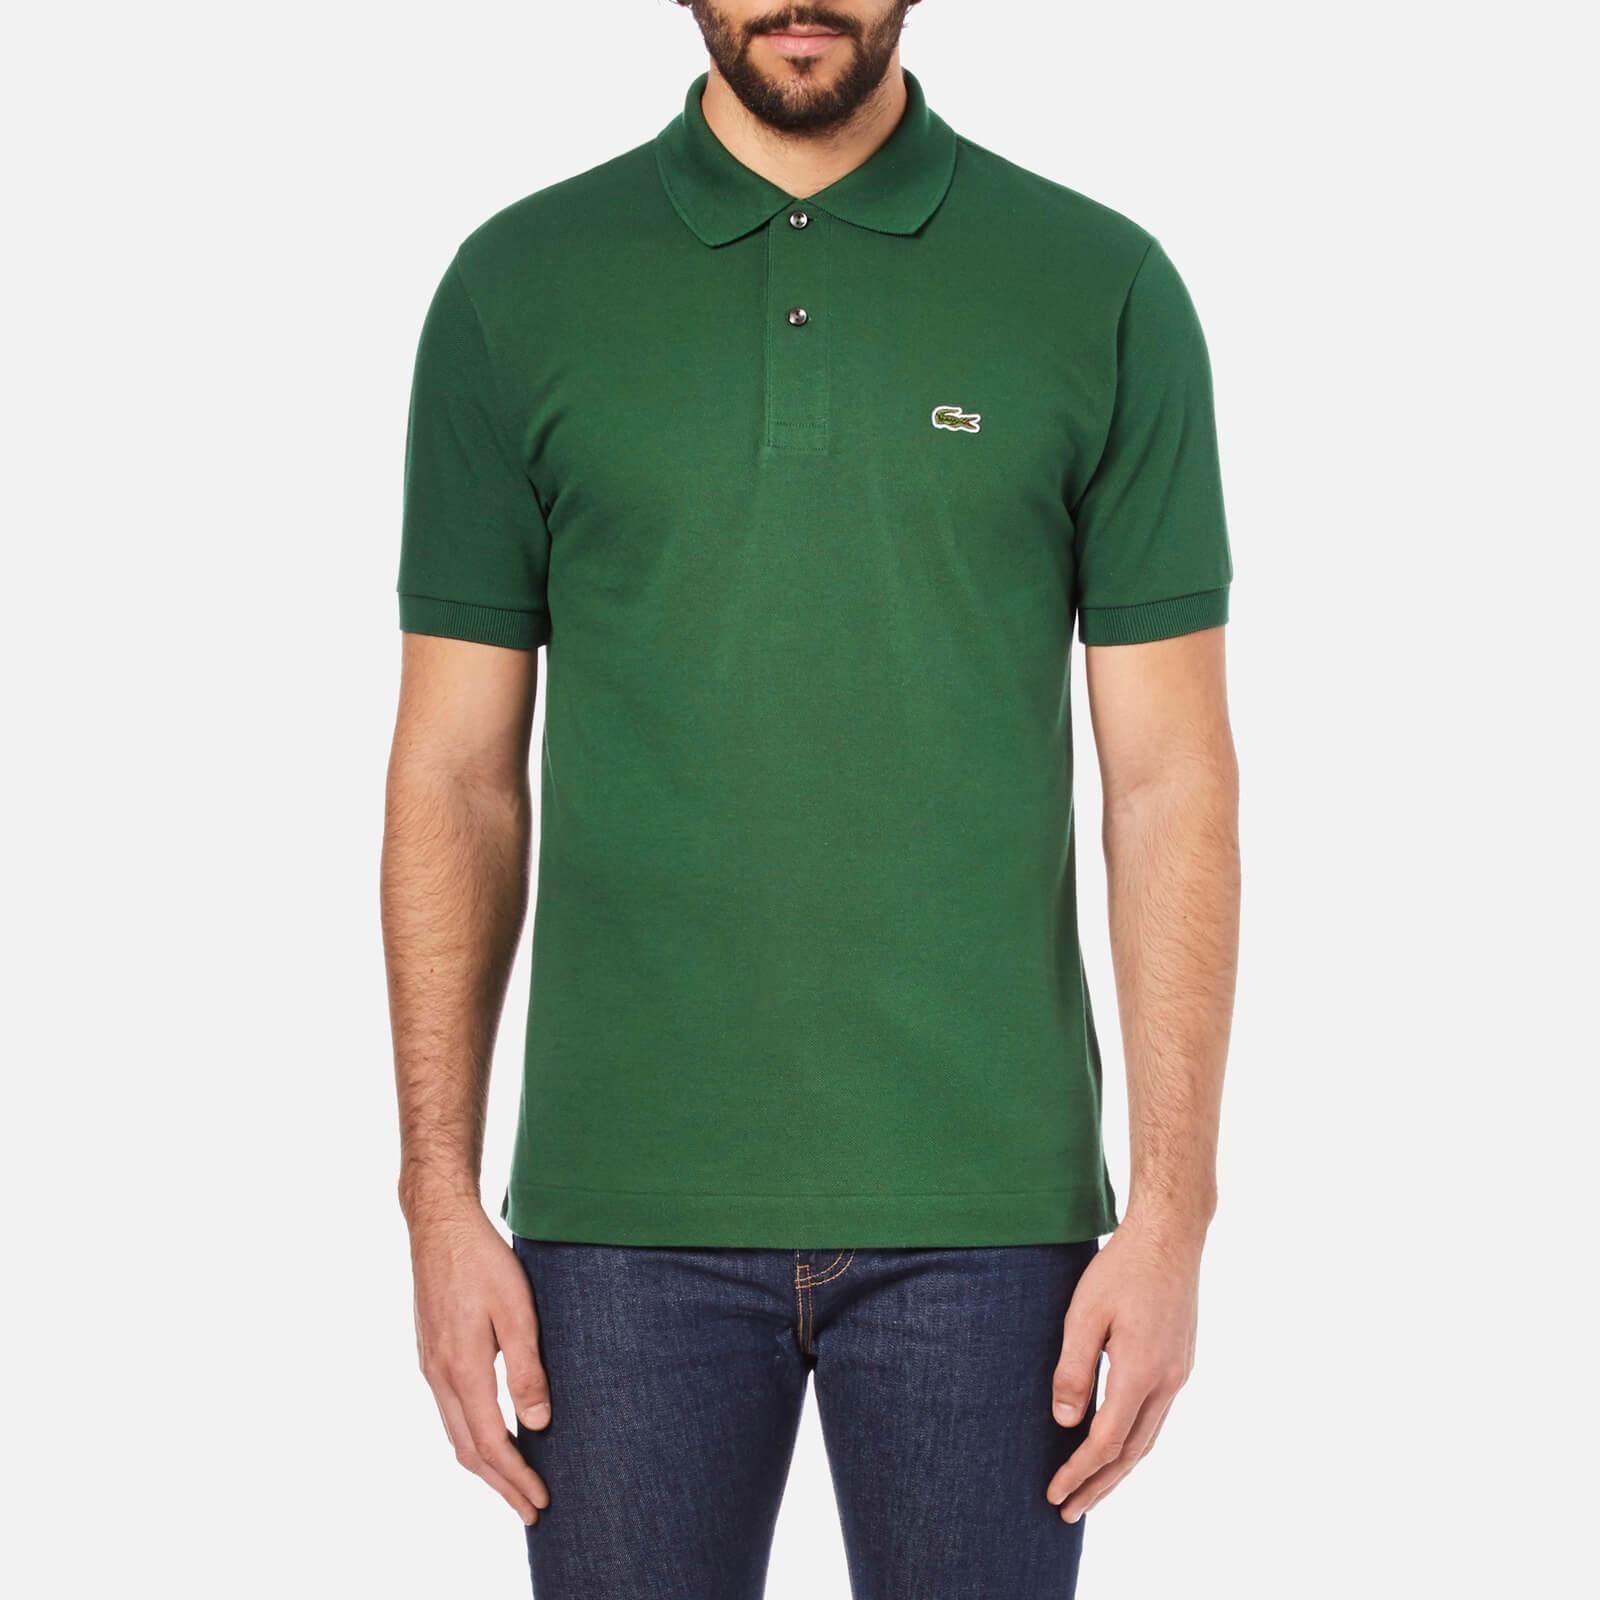 bd0a245d91b4 Amazon Uk Lacoste Polo Shirts - DREAMWORKS